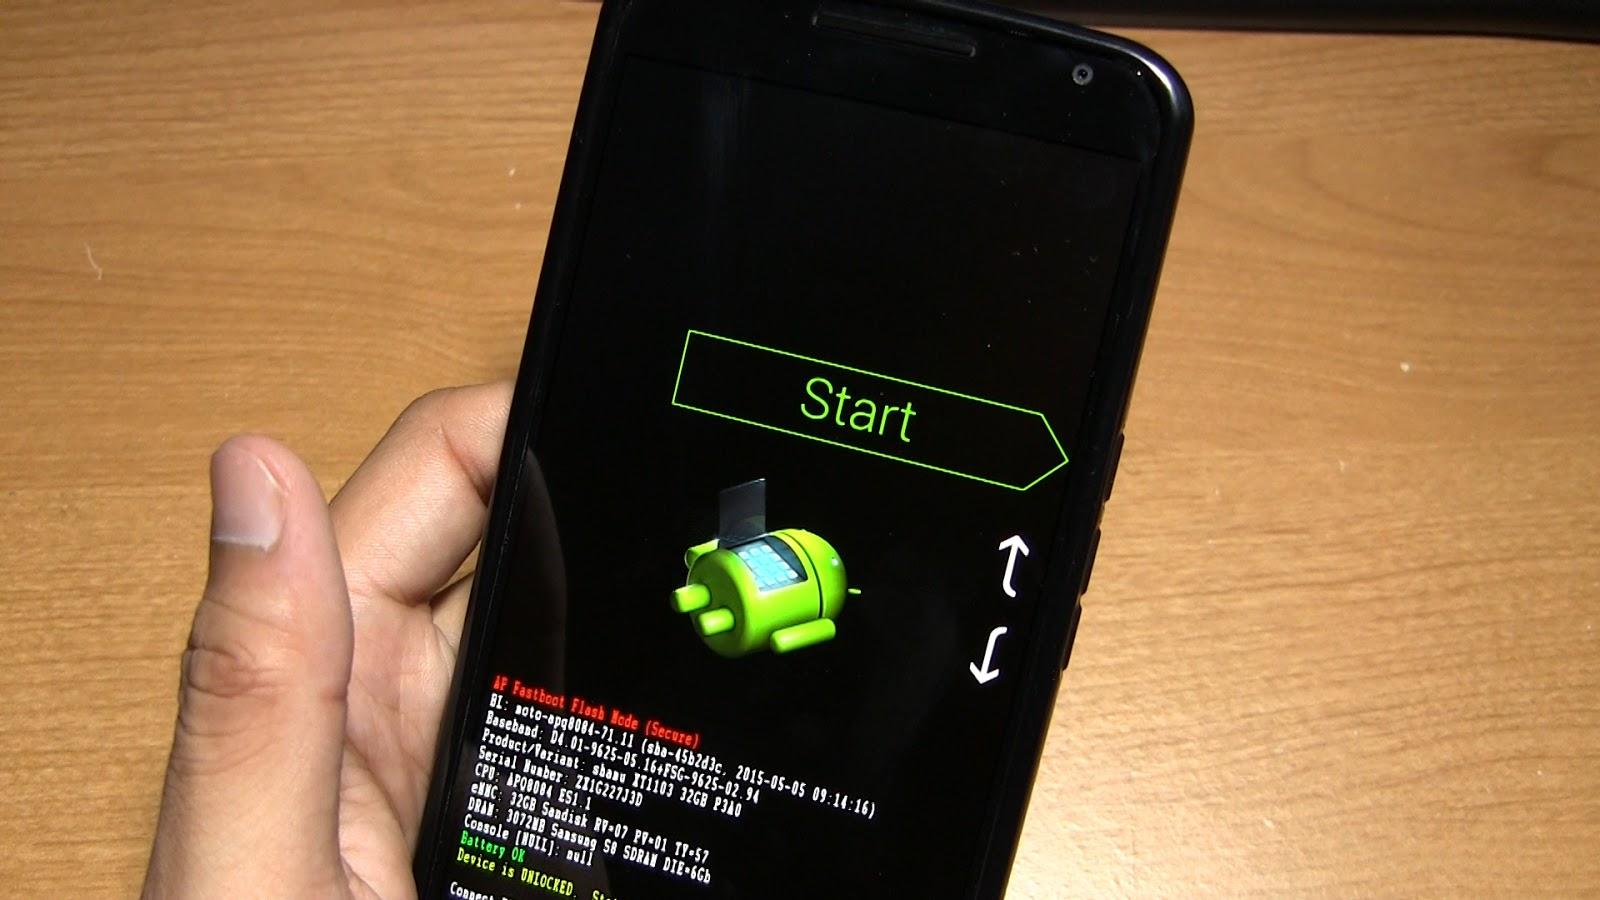 Как перепрошить самсунг андроид через компьютер в домашних условиях